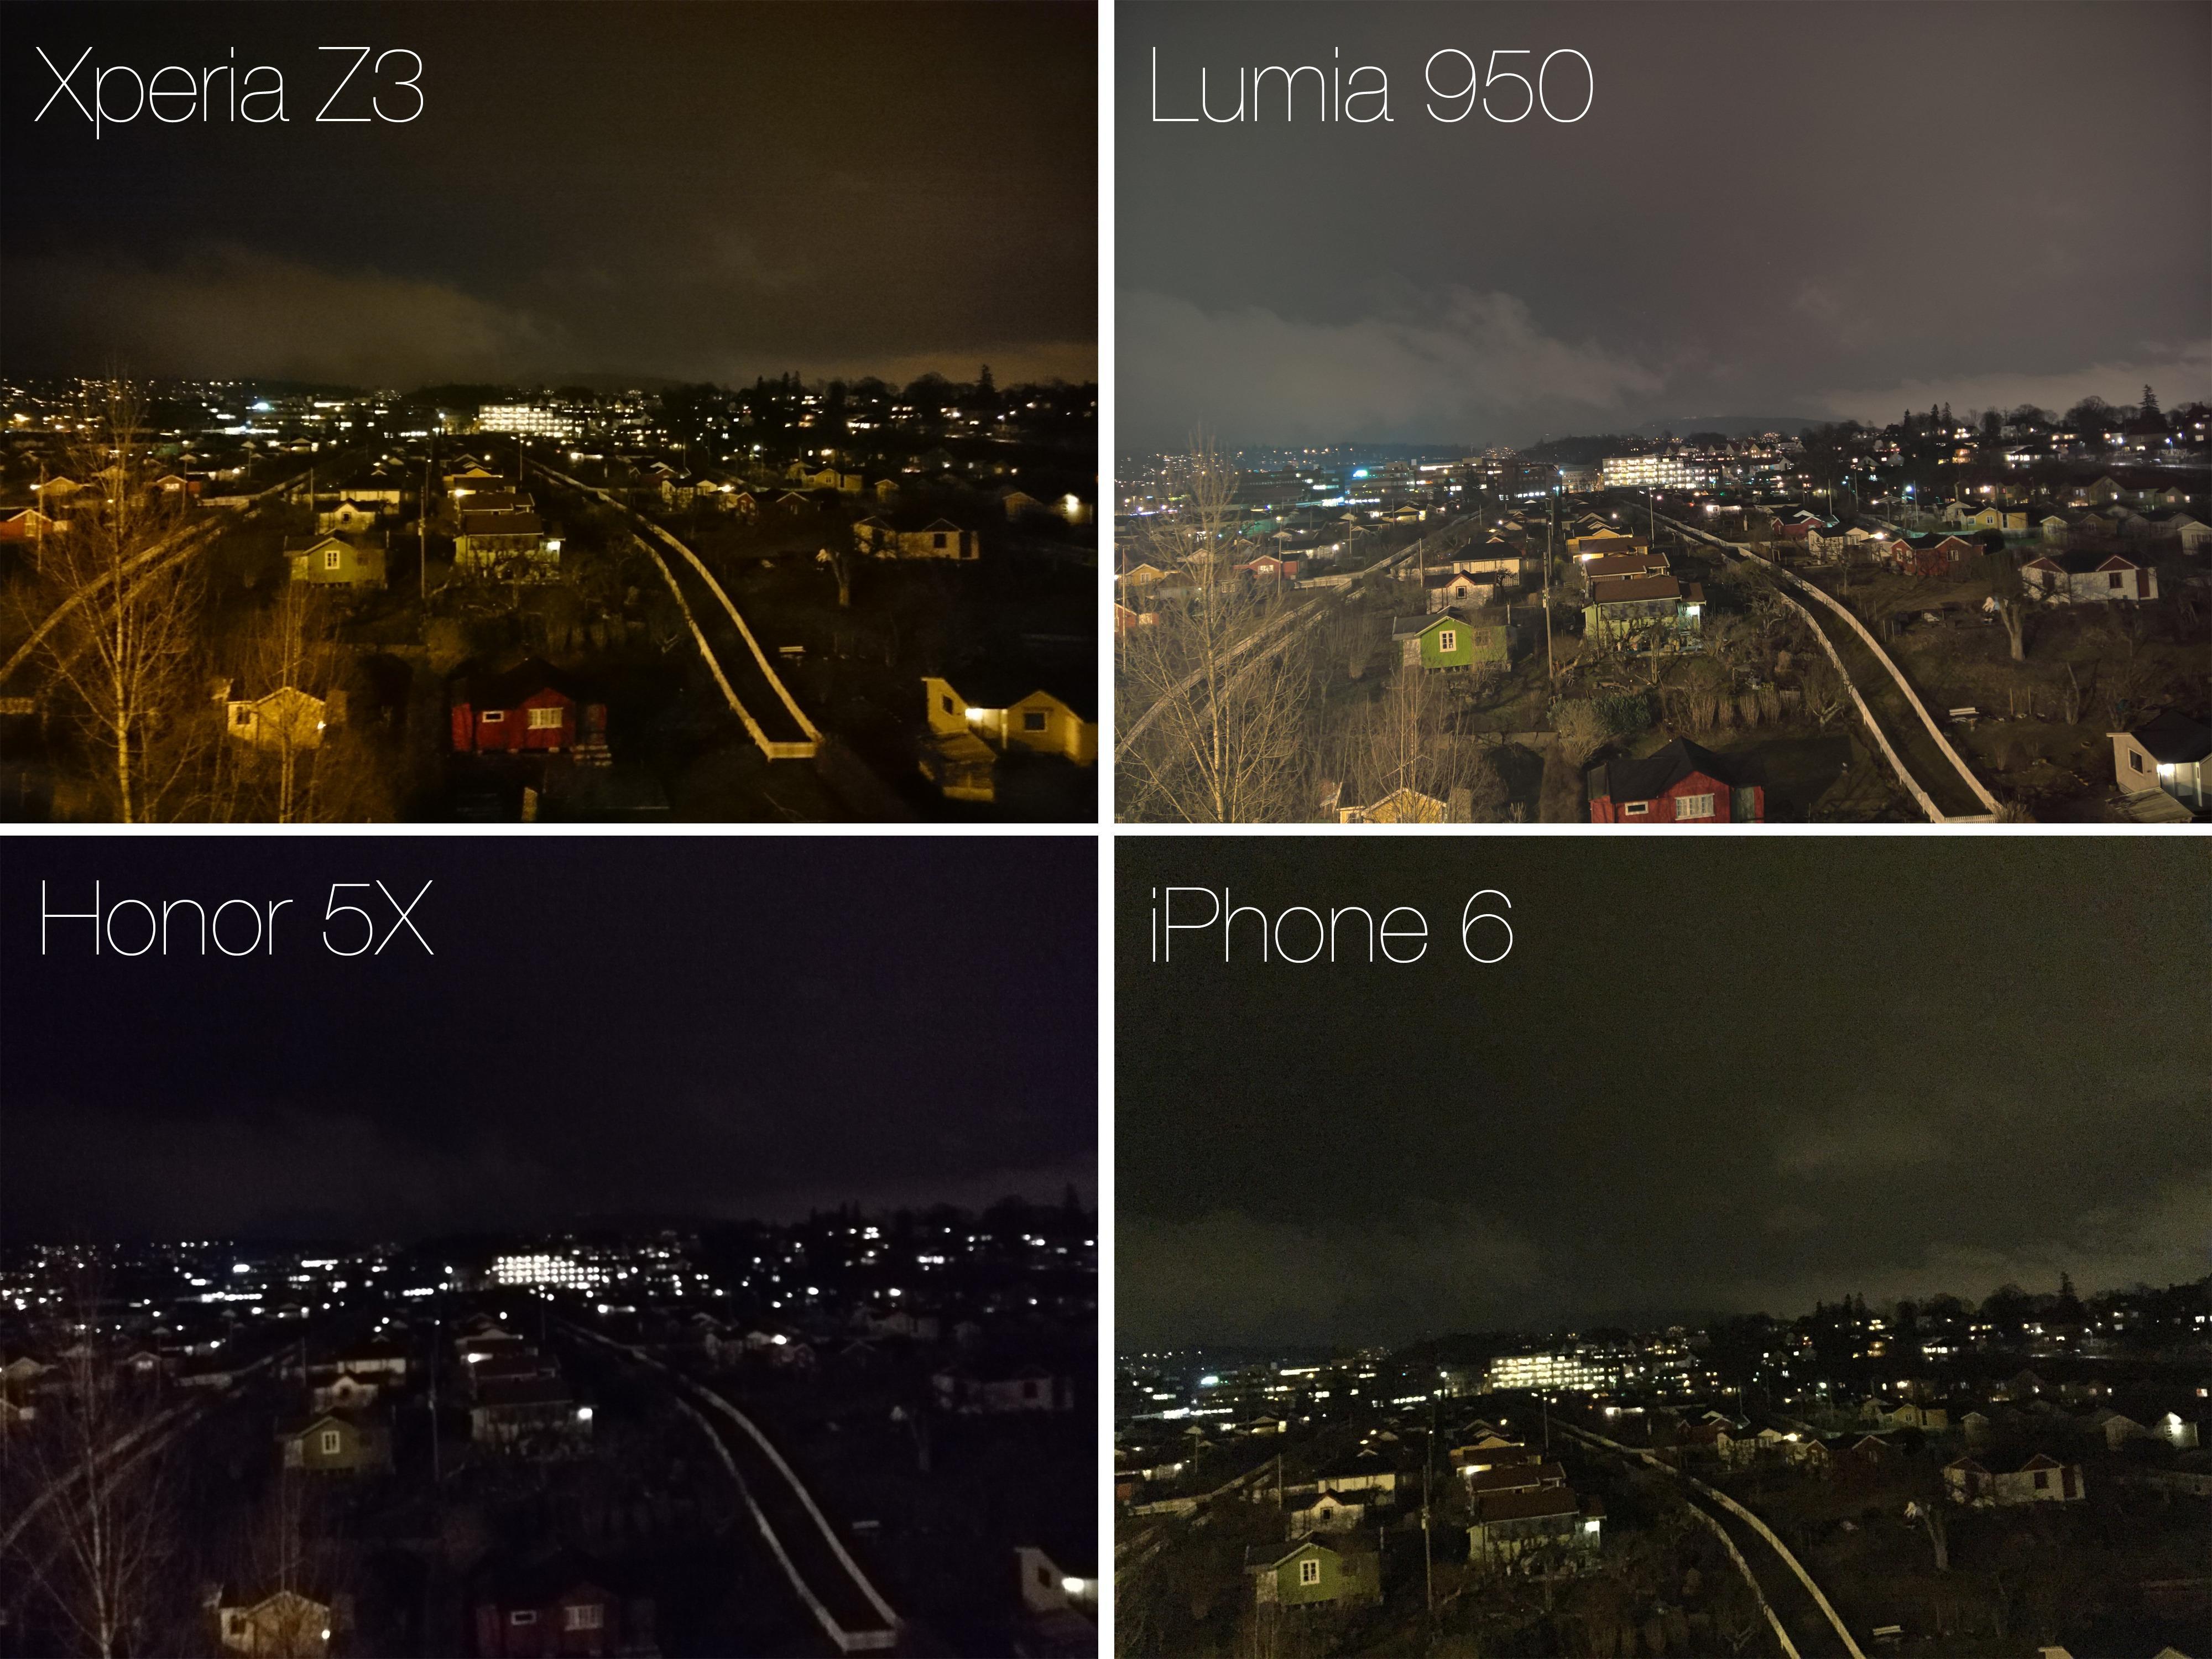 Kameraet i Honor 5X sliter når mørket faller på. Både Xperia Z3 og iPhone 6 yter bedre, mens Lumia 950 viser hvor mye man kan få ut av skikkelige manuelle instillinger.